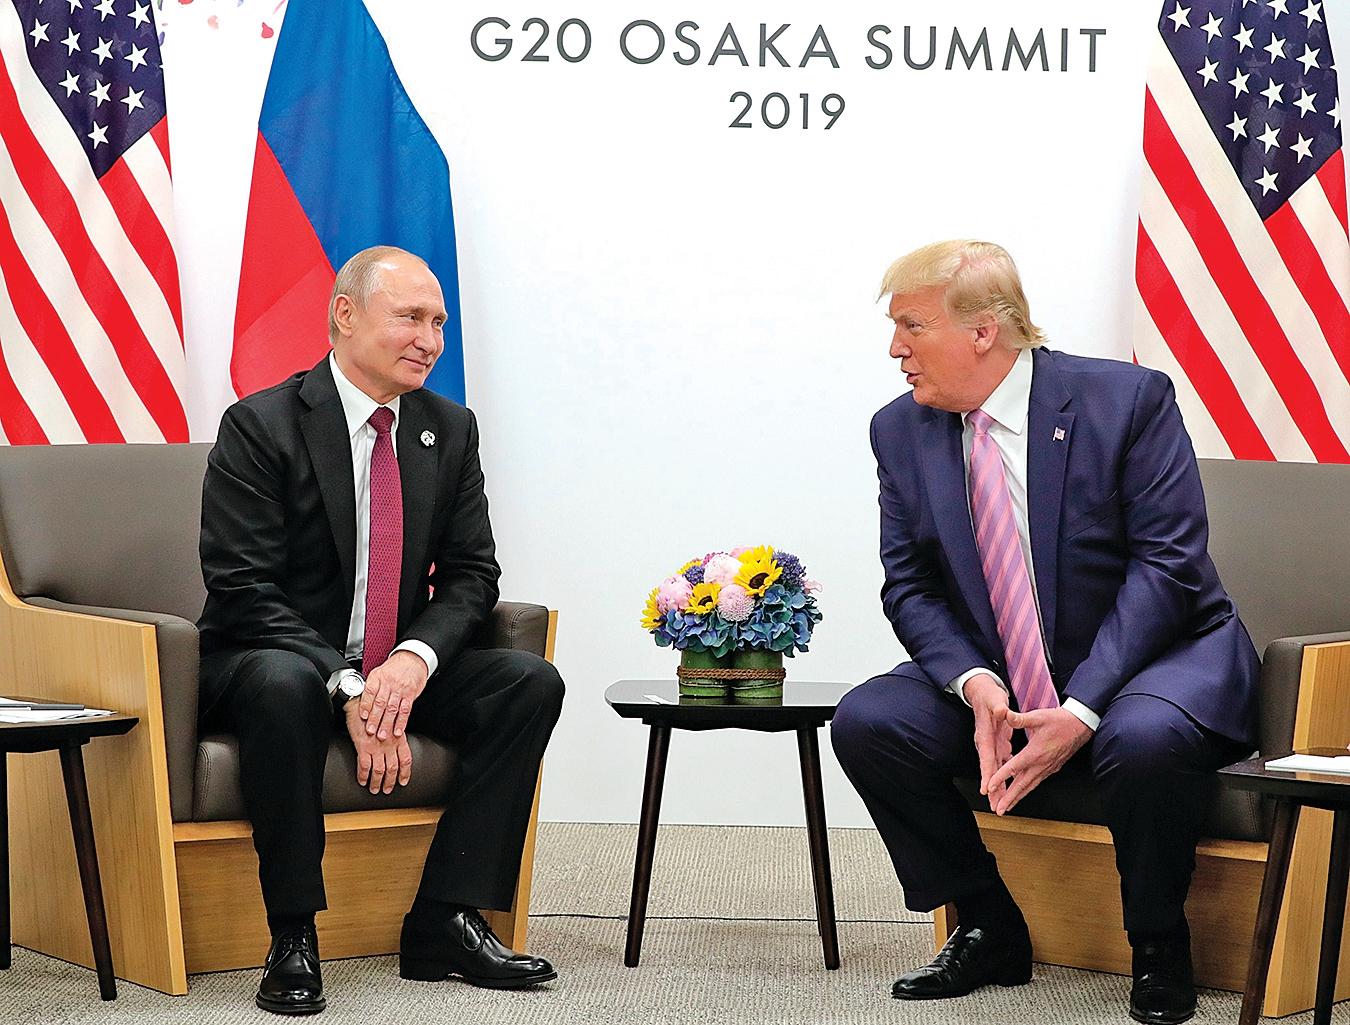 6月28日,特朗普與普京在大阪G20峰會期間會晤。(MIKHAIL KLIMENTYEV/AFP/Getty Images)